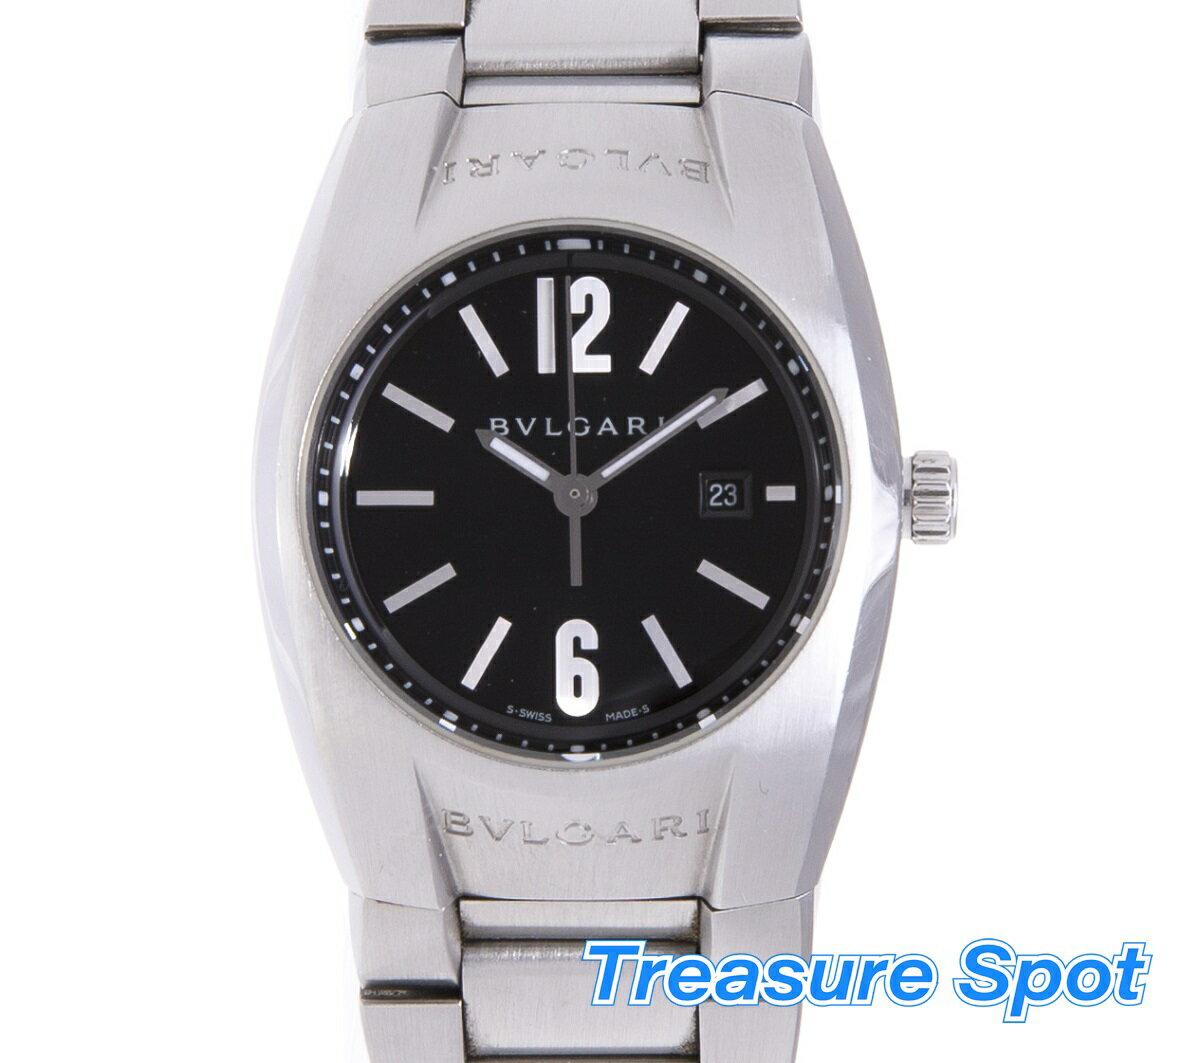 BVLGARI ブルガリ エルゴン EG30S ステンレス SS クォーツ QZ レディース 腕時計【トレジャースポット】【中古】